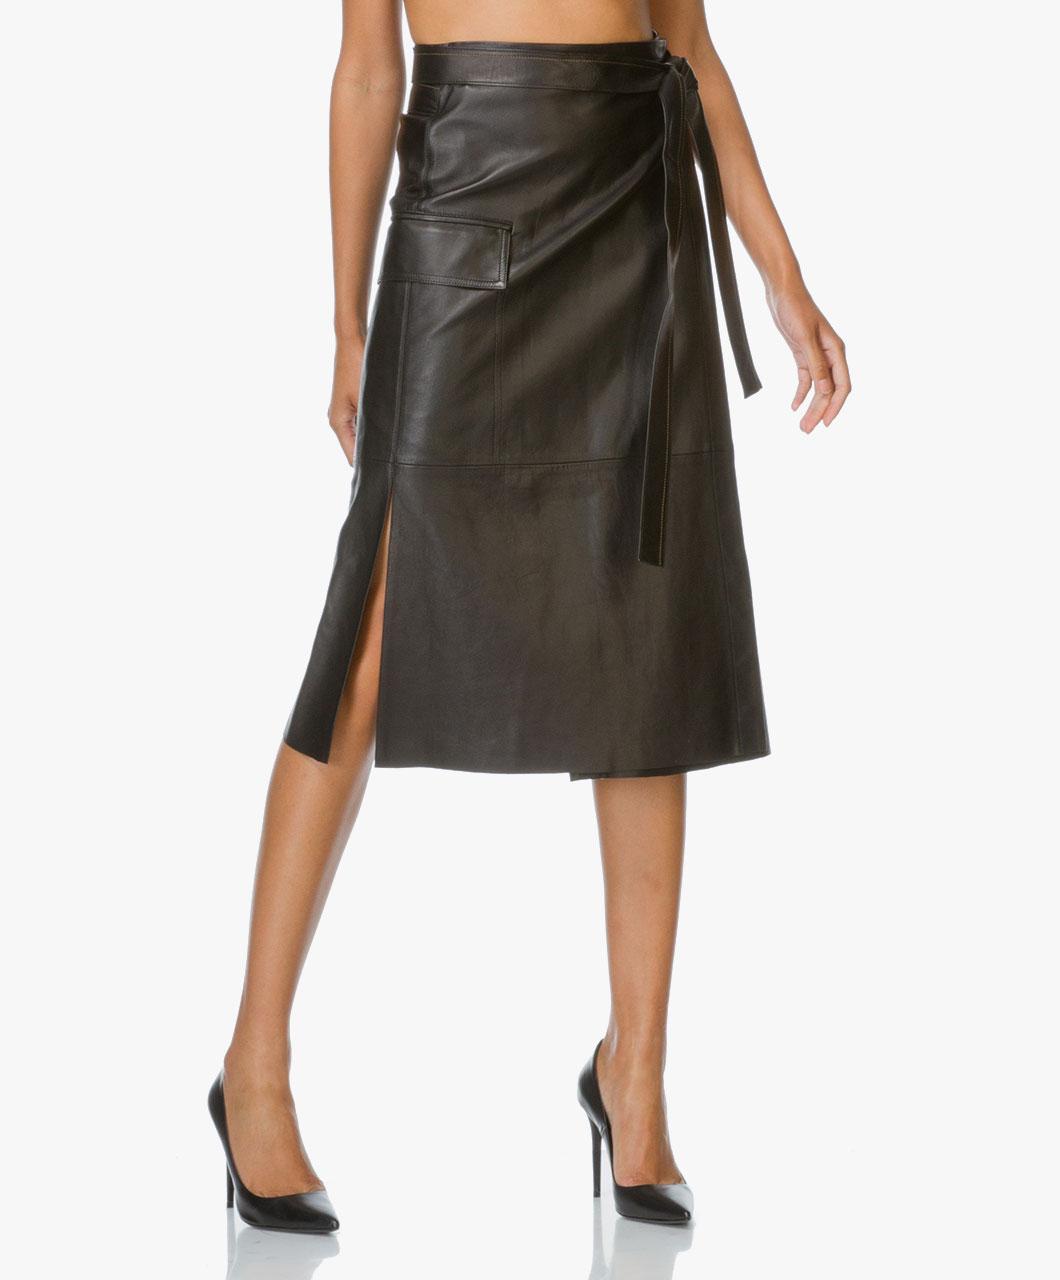 helmut lang leather wrap skirt black g06hw305 001